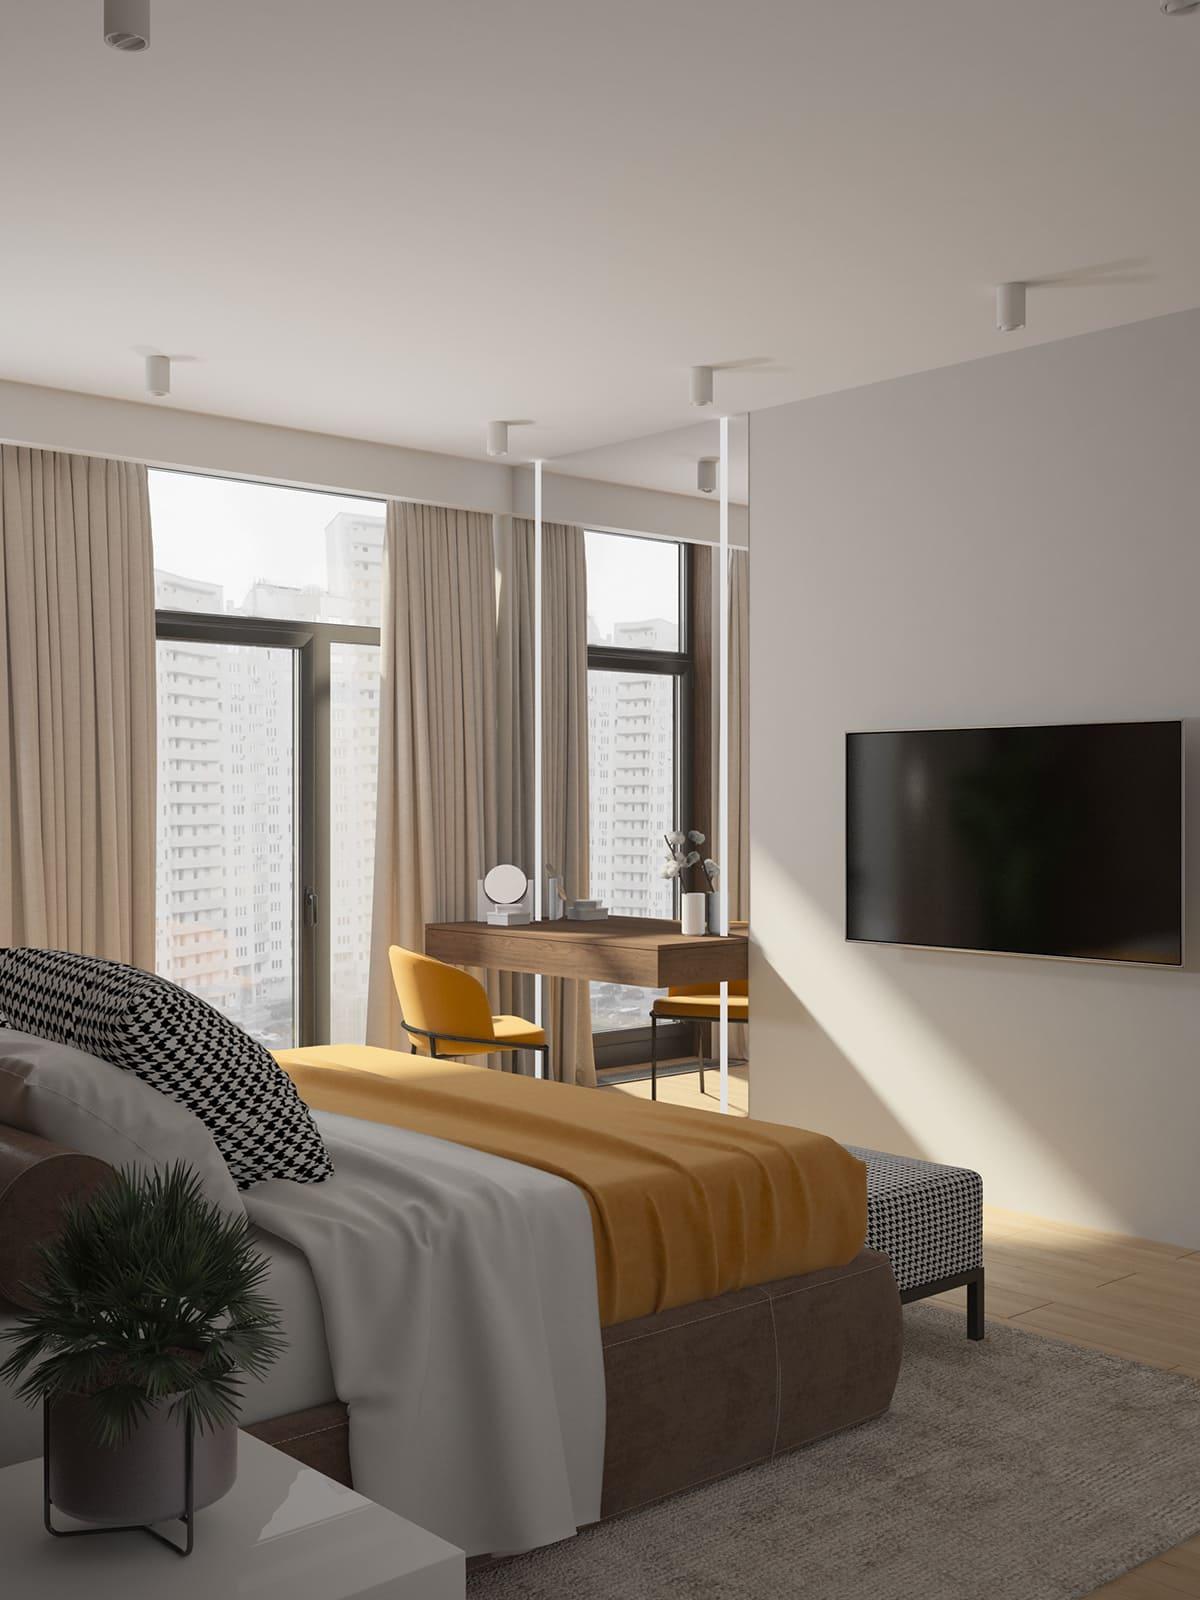 conception d'un appartement d'une pièce photo 9